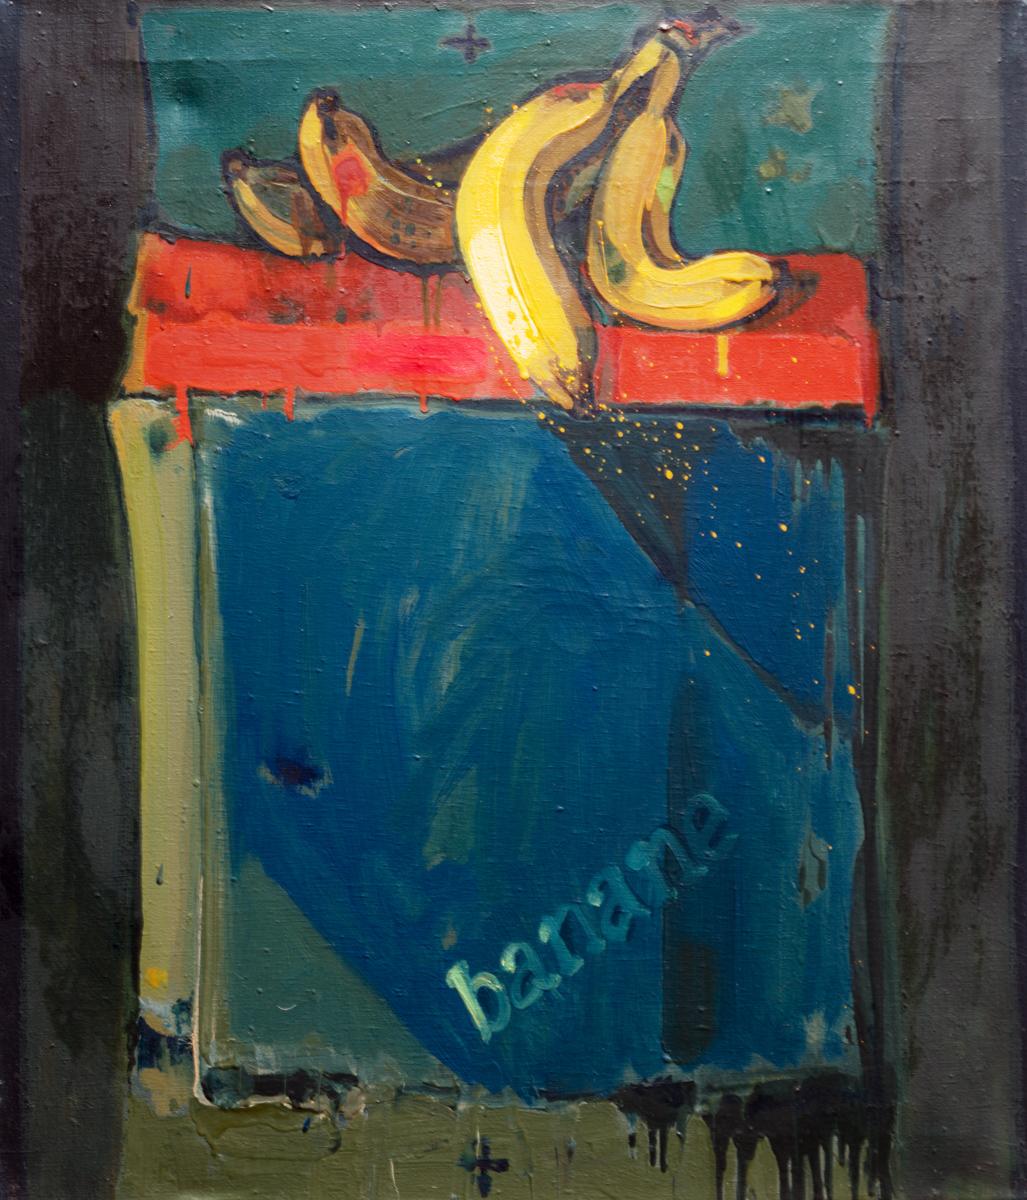 1979_Still_Life_60x70cm_Bananas.jpg